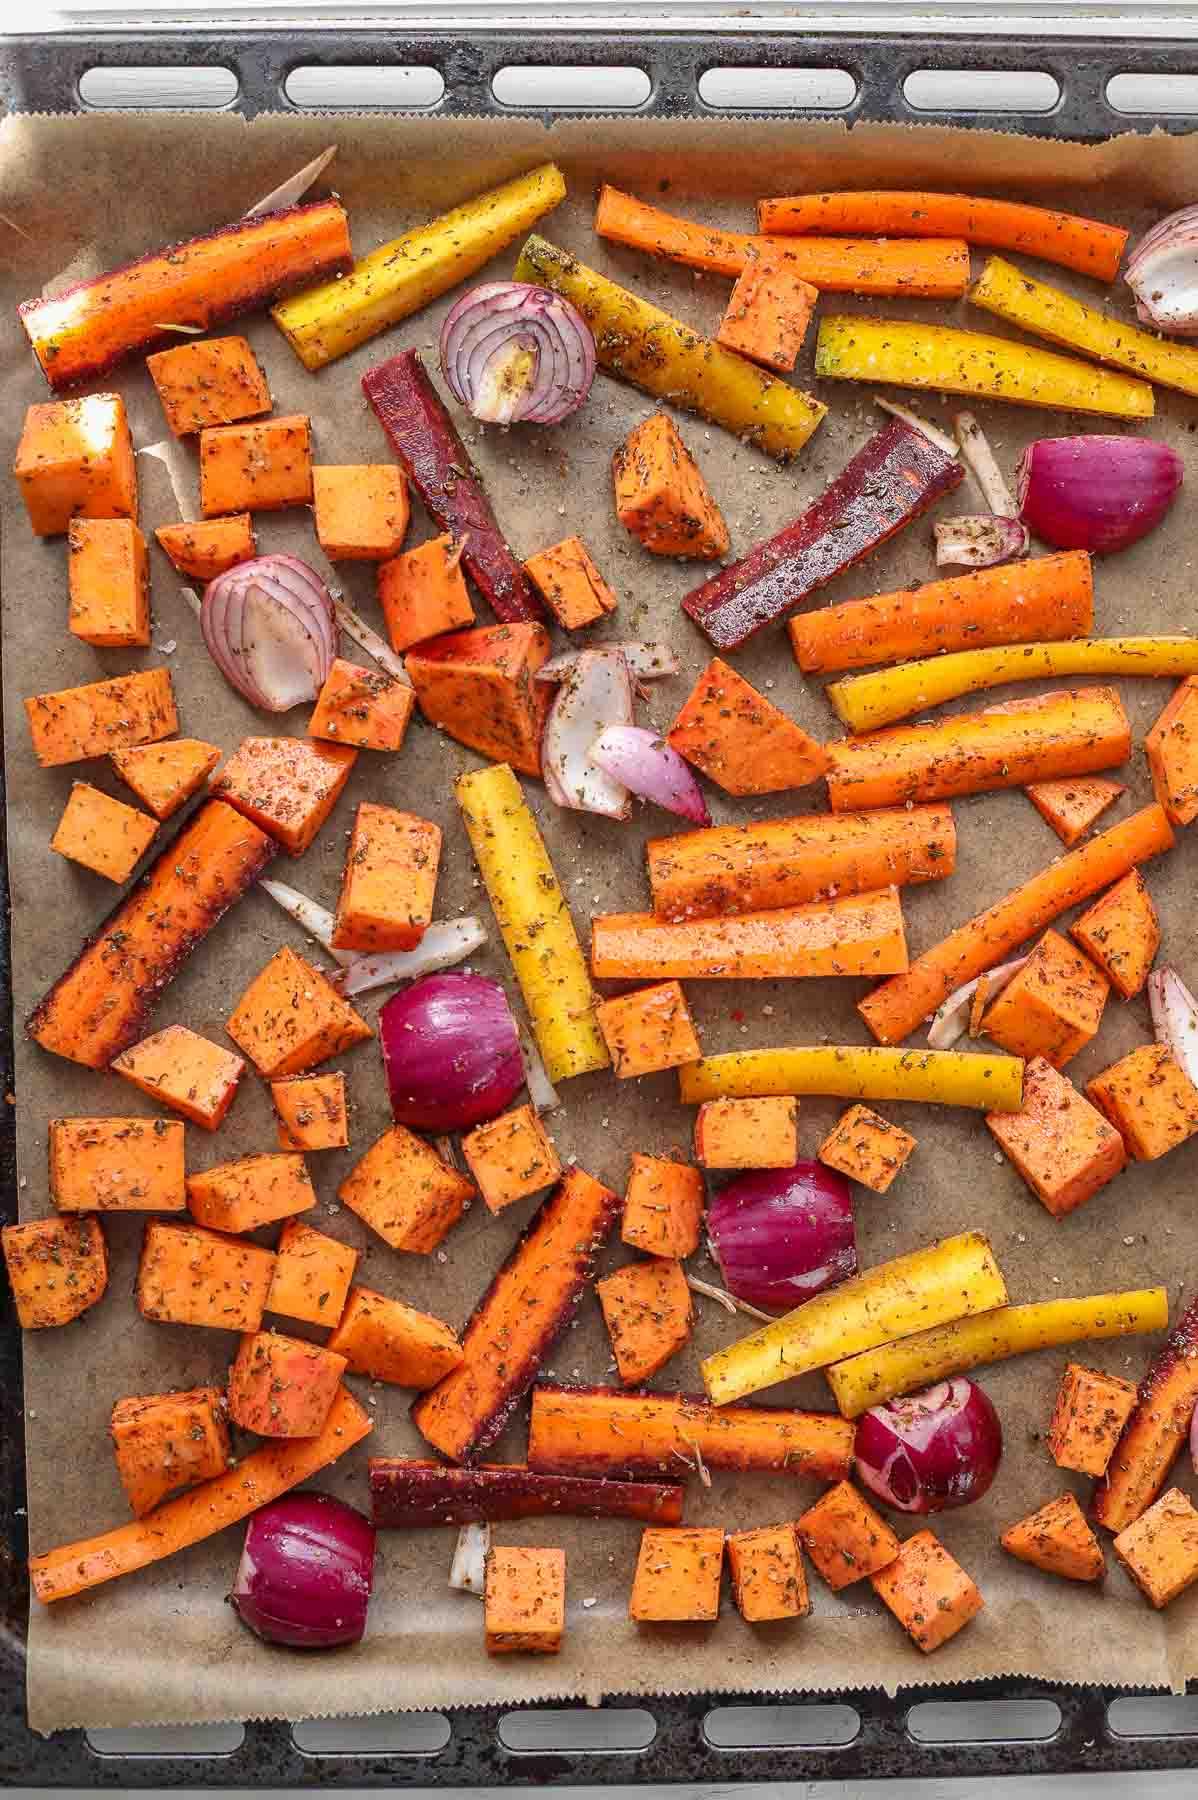 Zatar gewürzte Gemüse, Süßkartoffel, Karotten, Zwiebeln